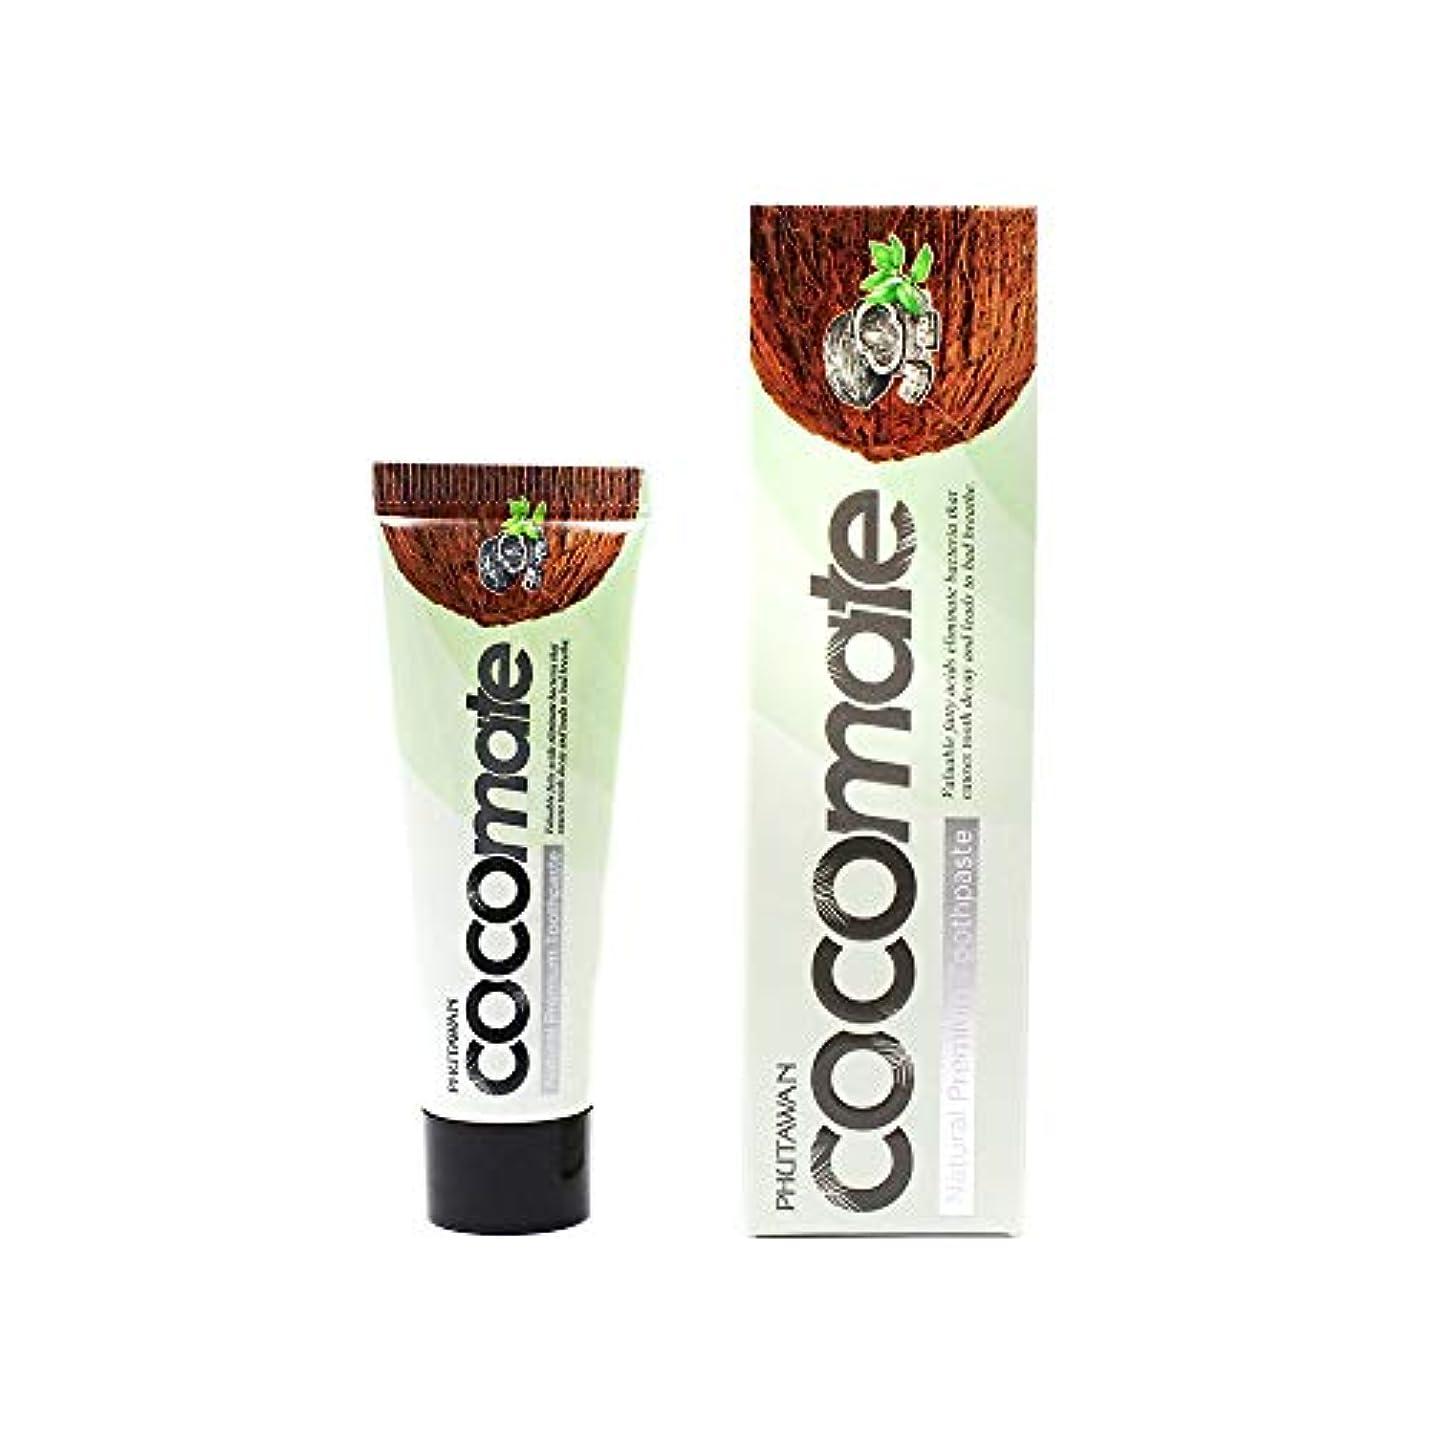 プールおめでとう統計歯磨き粉 Cocomate Natural Premium Toothpaste